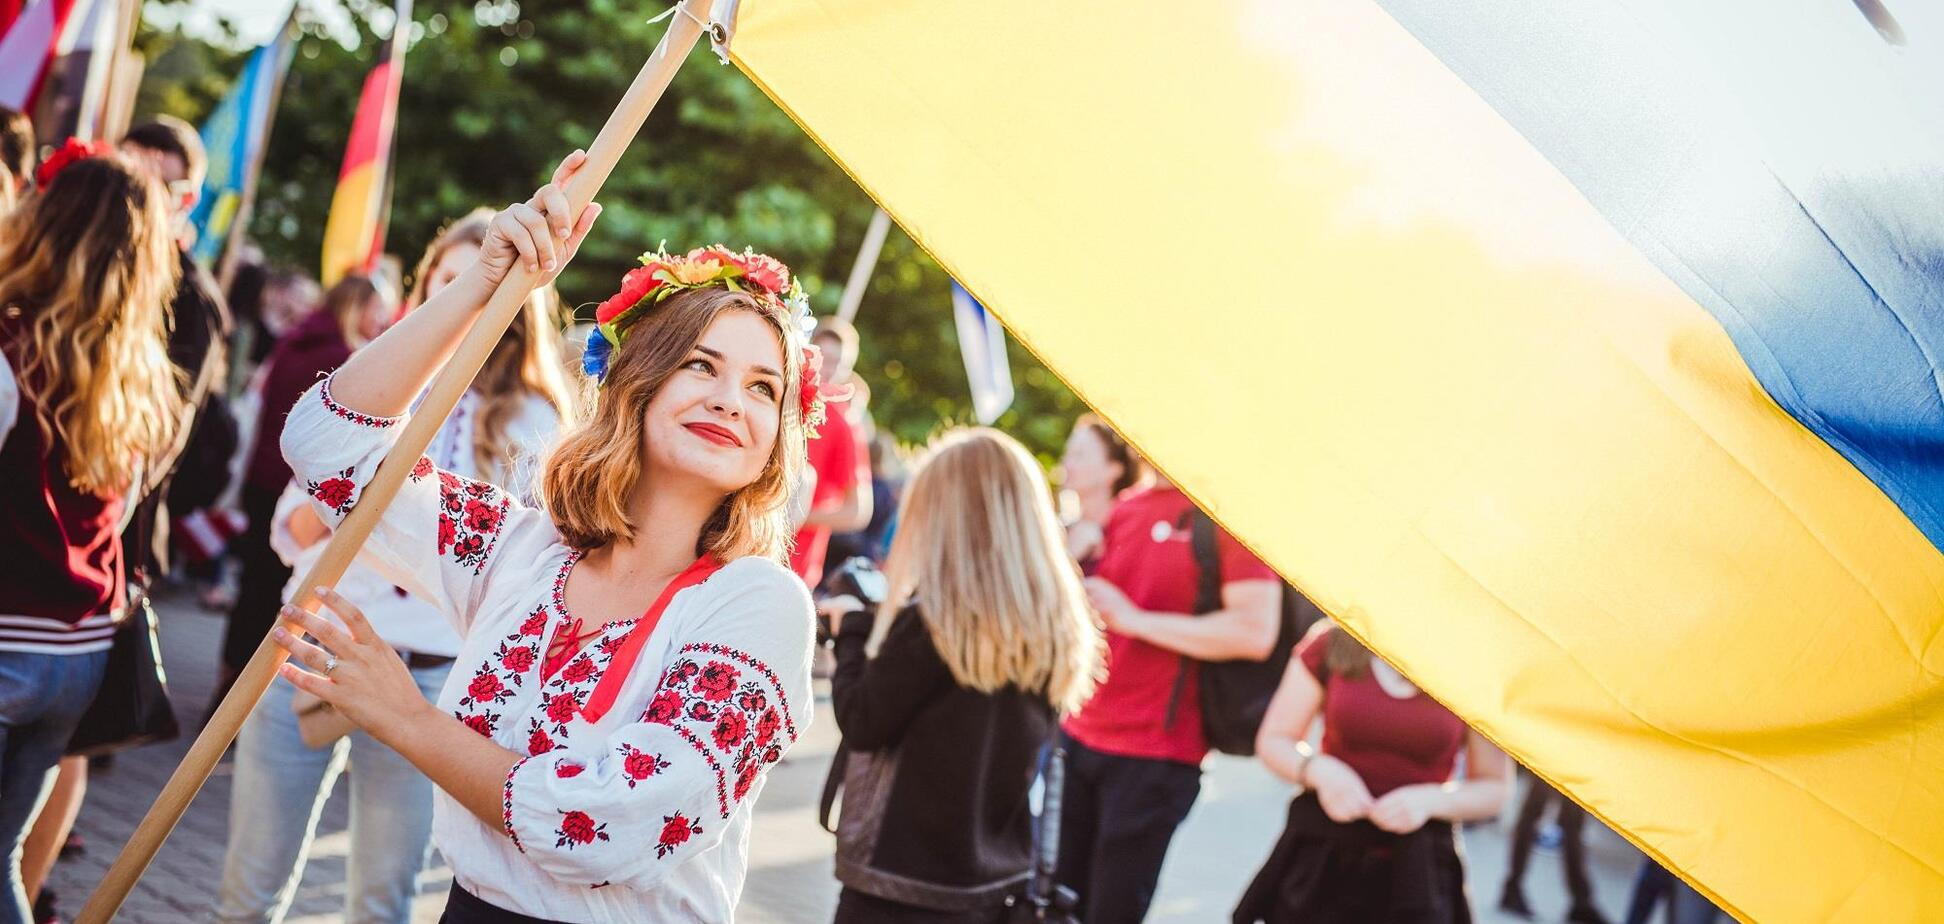 'Хамили, когда говорила на русском': как украинка нашла новую жизнь за границей